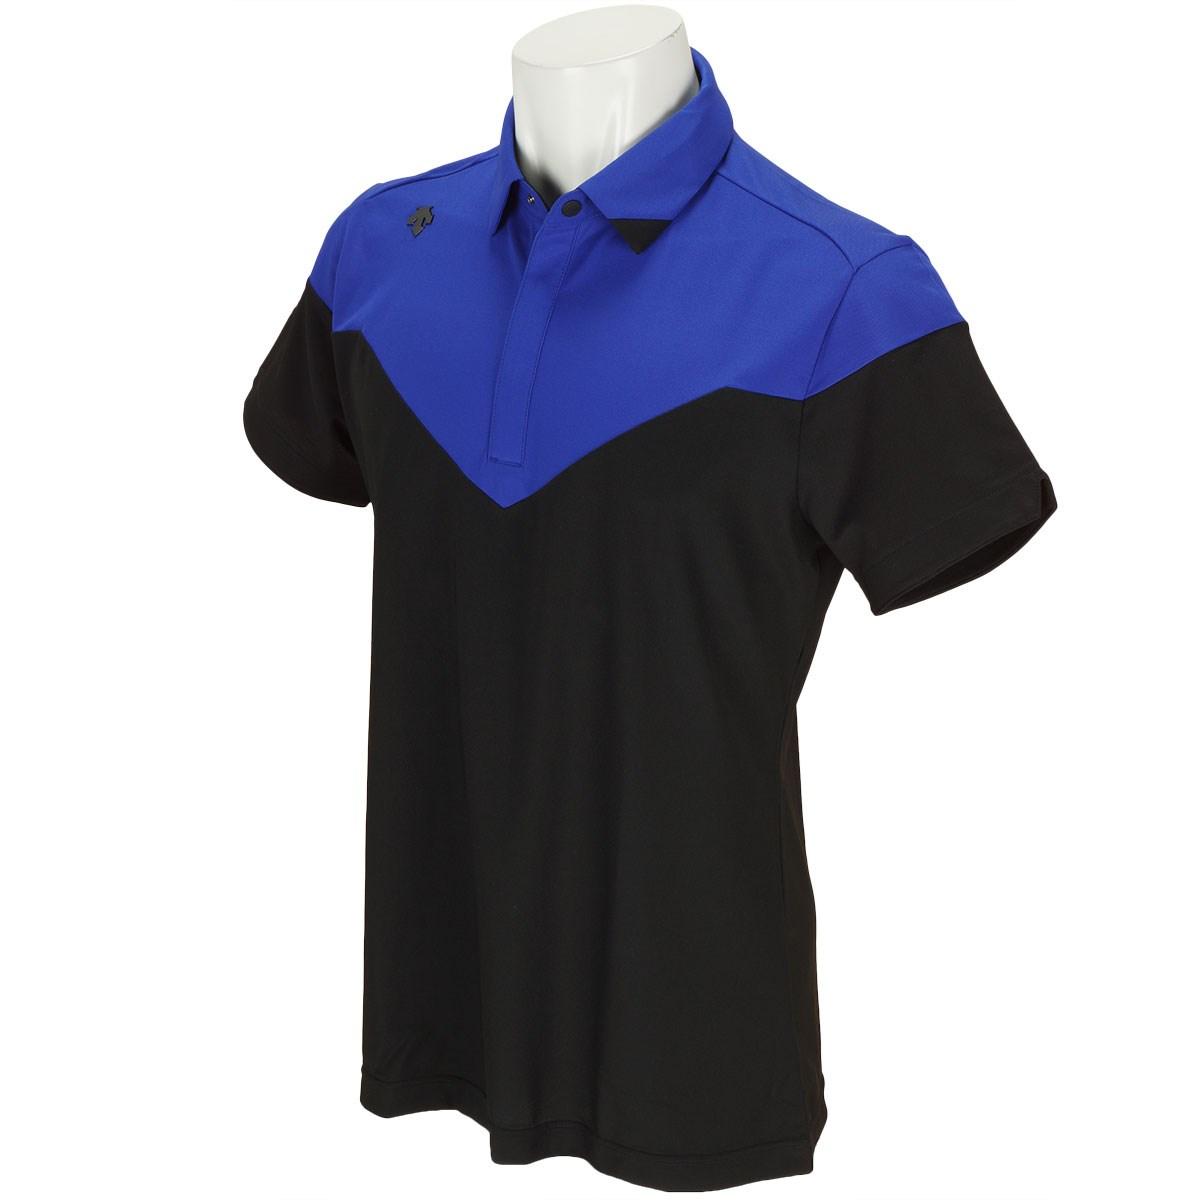 デサントゴルフ DESCENTE GOLF ストレッチ半袖ポロシャツ M ブラック 00